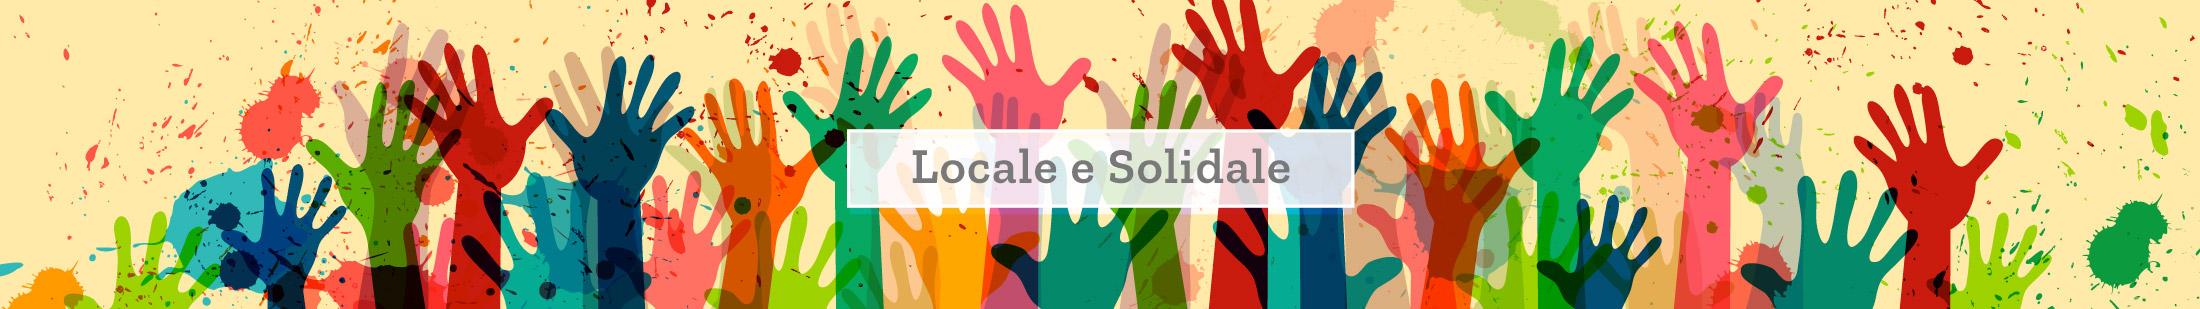 Locale e Solidale